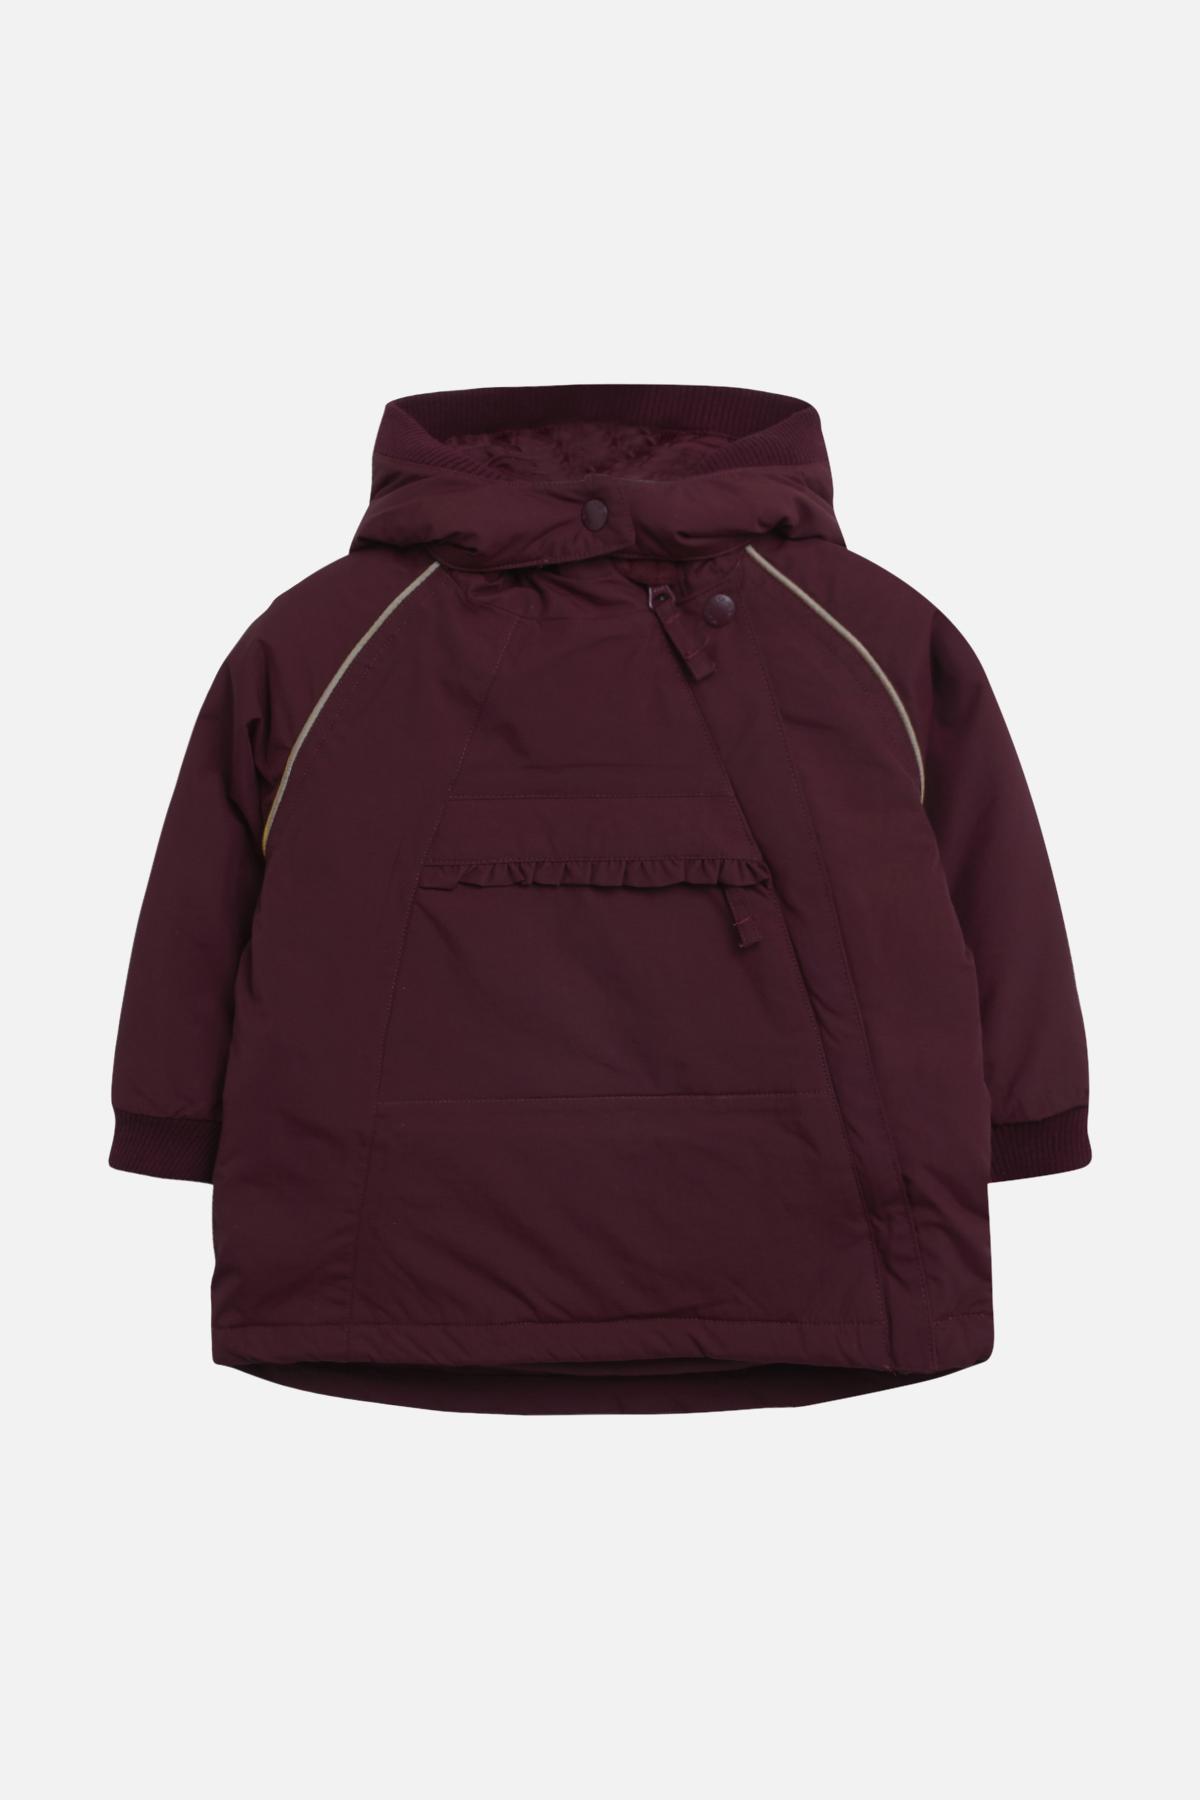 Uni - Obia - Jacket